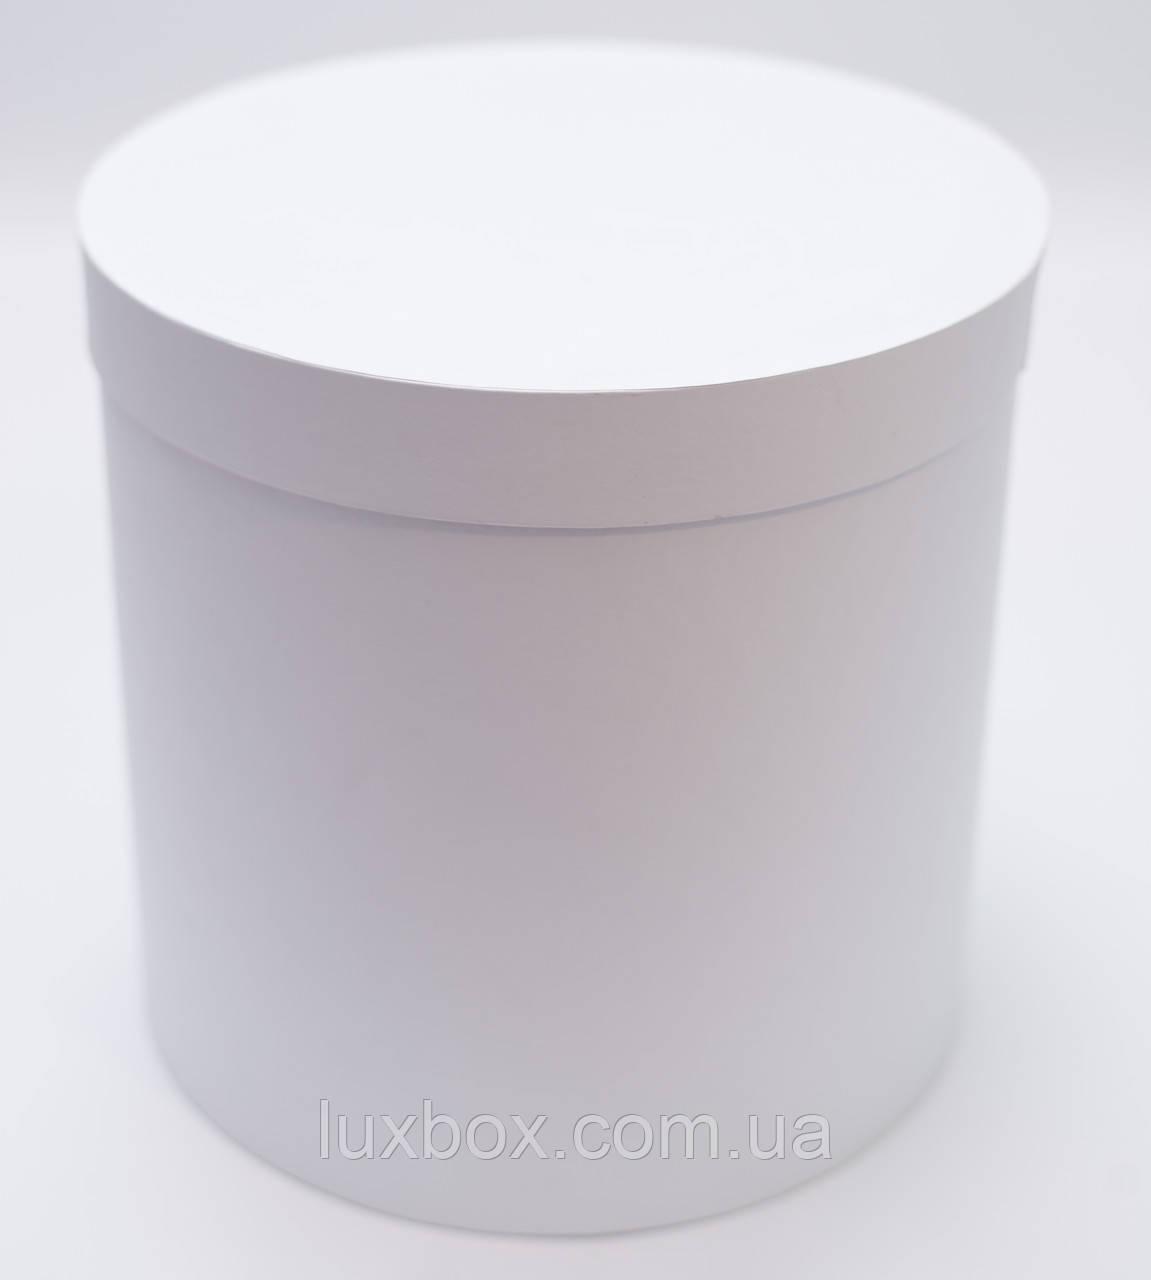 Шляпна коробка h22/d22